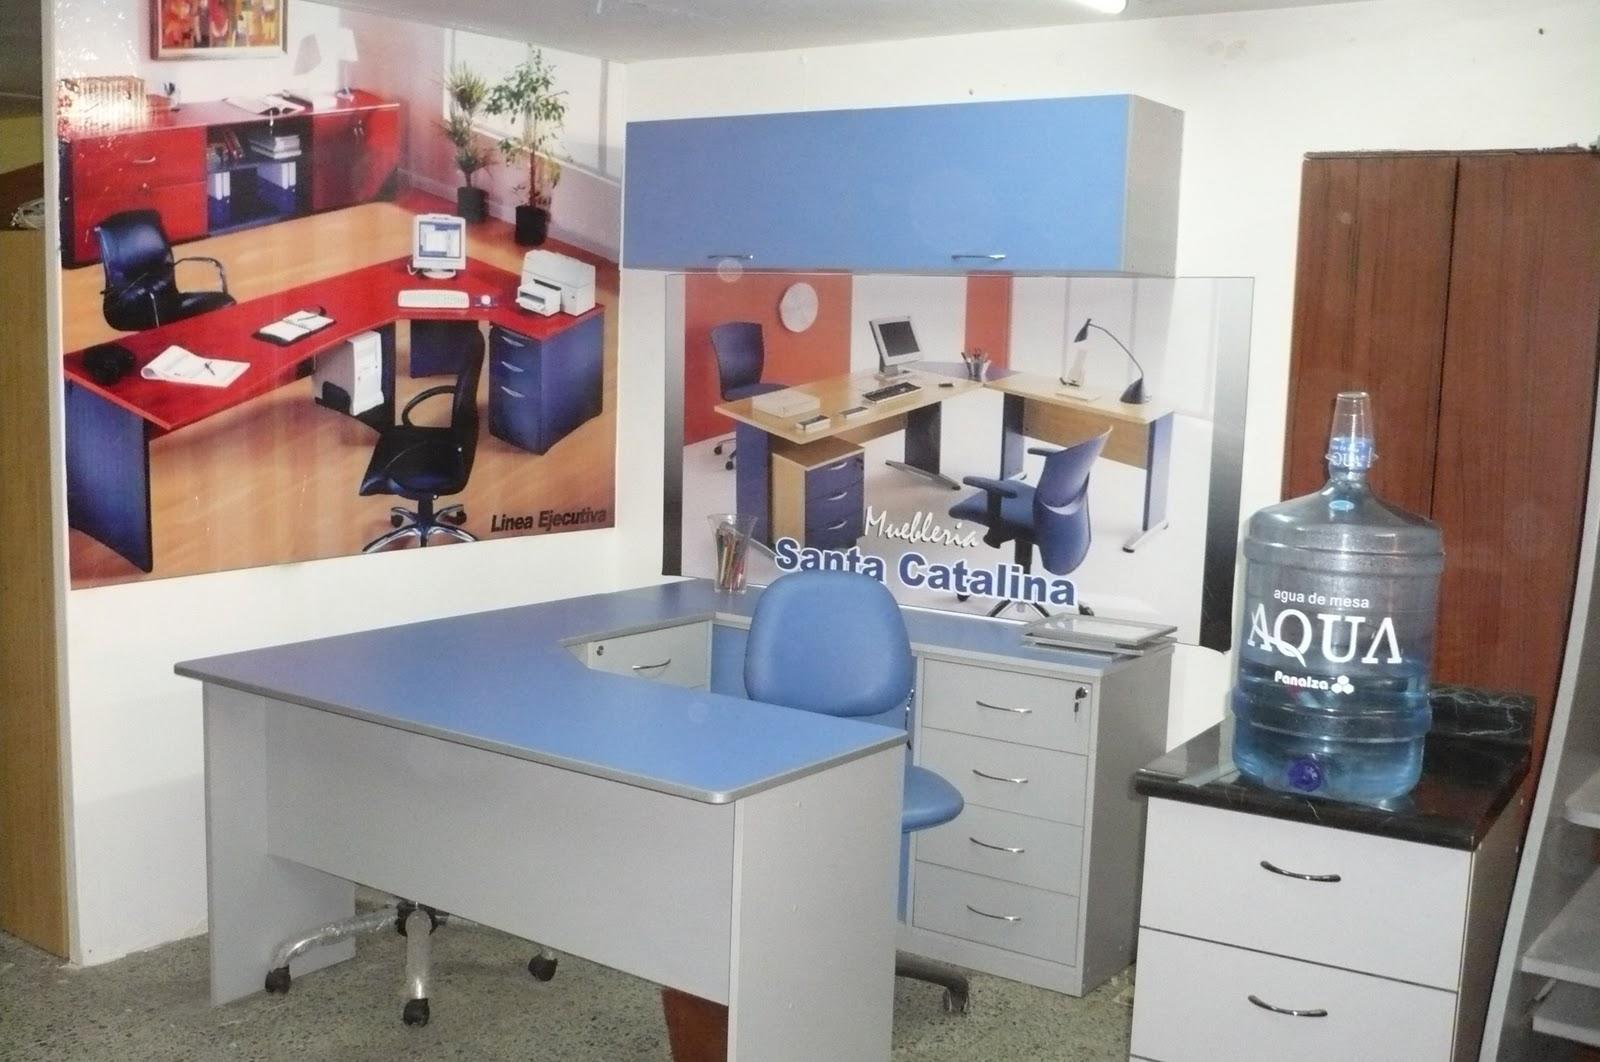 Muebles chiclayo muebles peru mueblerias en el peru for Muebles de oficina k y v